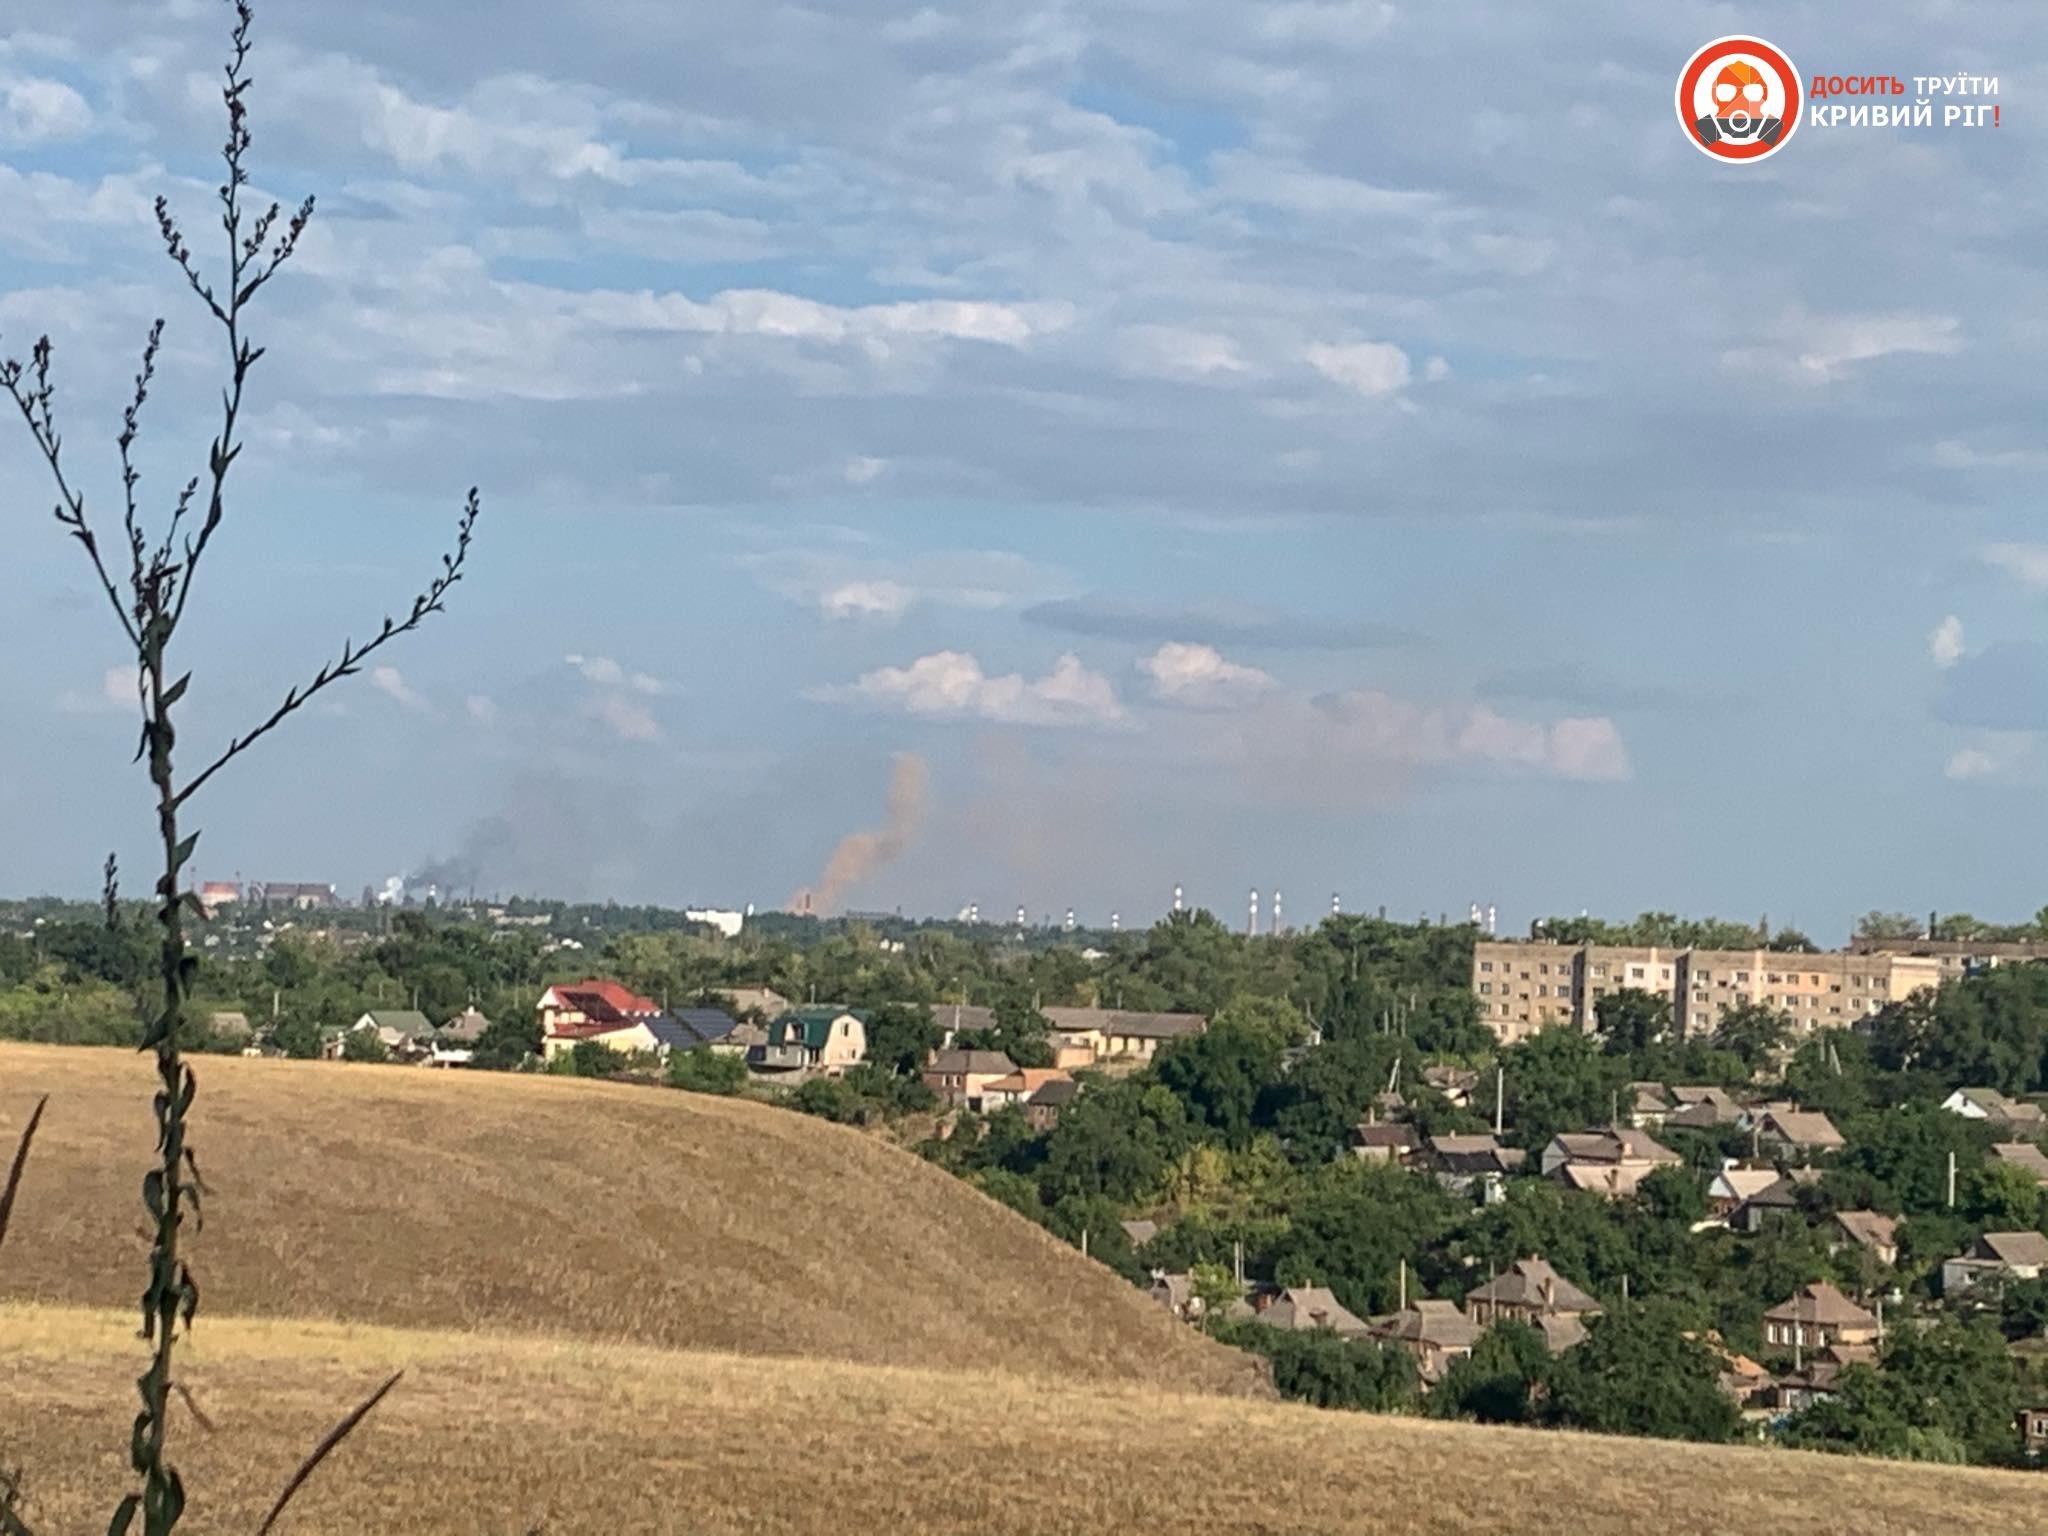 Отримали офіційну відповідь щодо смогу та хімічного запаху над Кривим Рогом 2 вересня